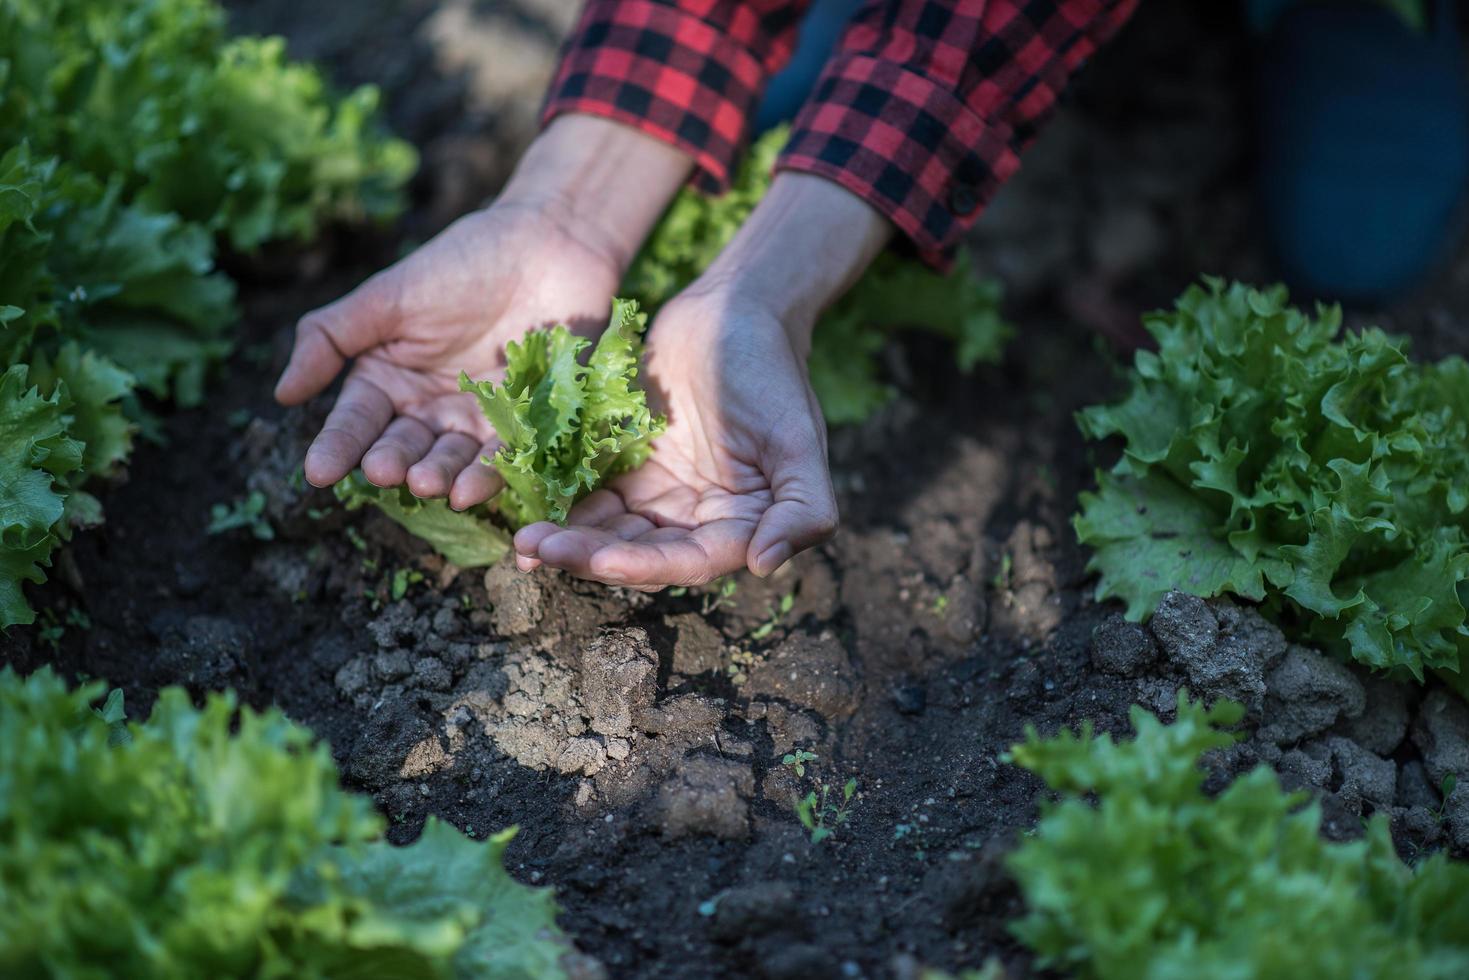 eine Frau pflanzt vorsichtig Setzlinge foto